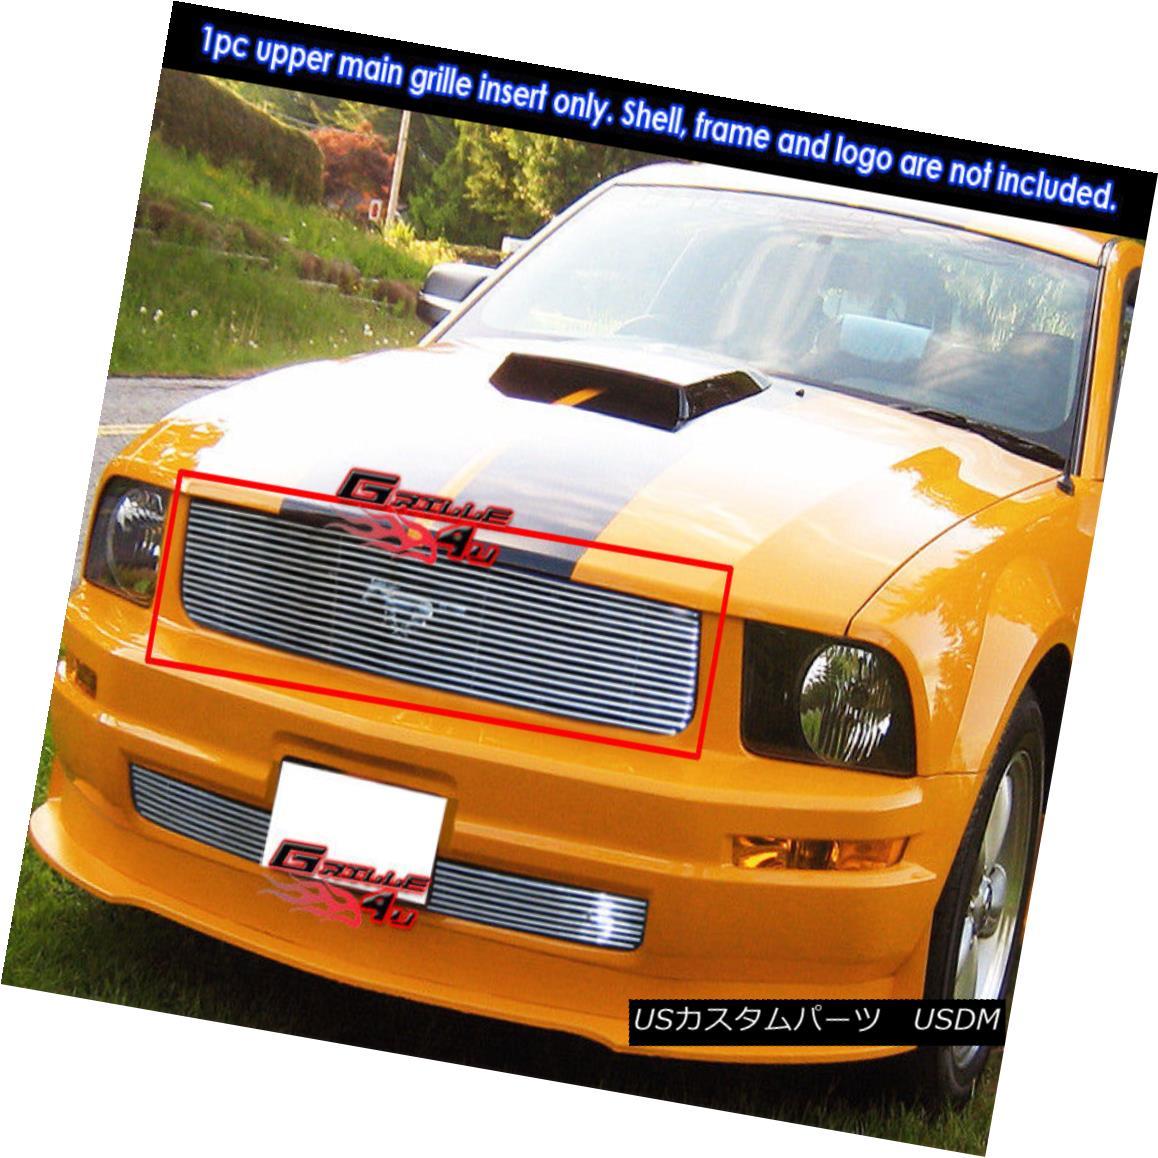 グリル Fits 05-09 Ford Mustang V6 Stainless Steel Billet Grille Insert フィット05-09フォードマスタングV6ステンレス鋼ビレットグリルインサート